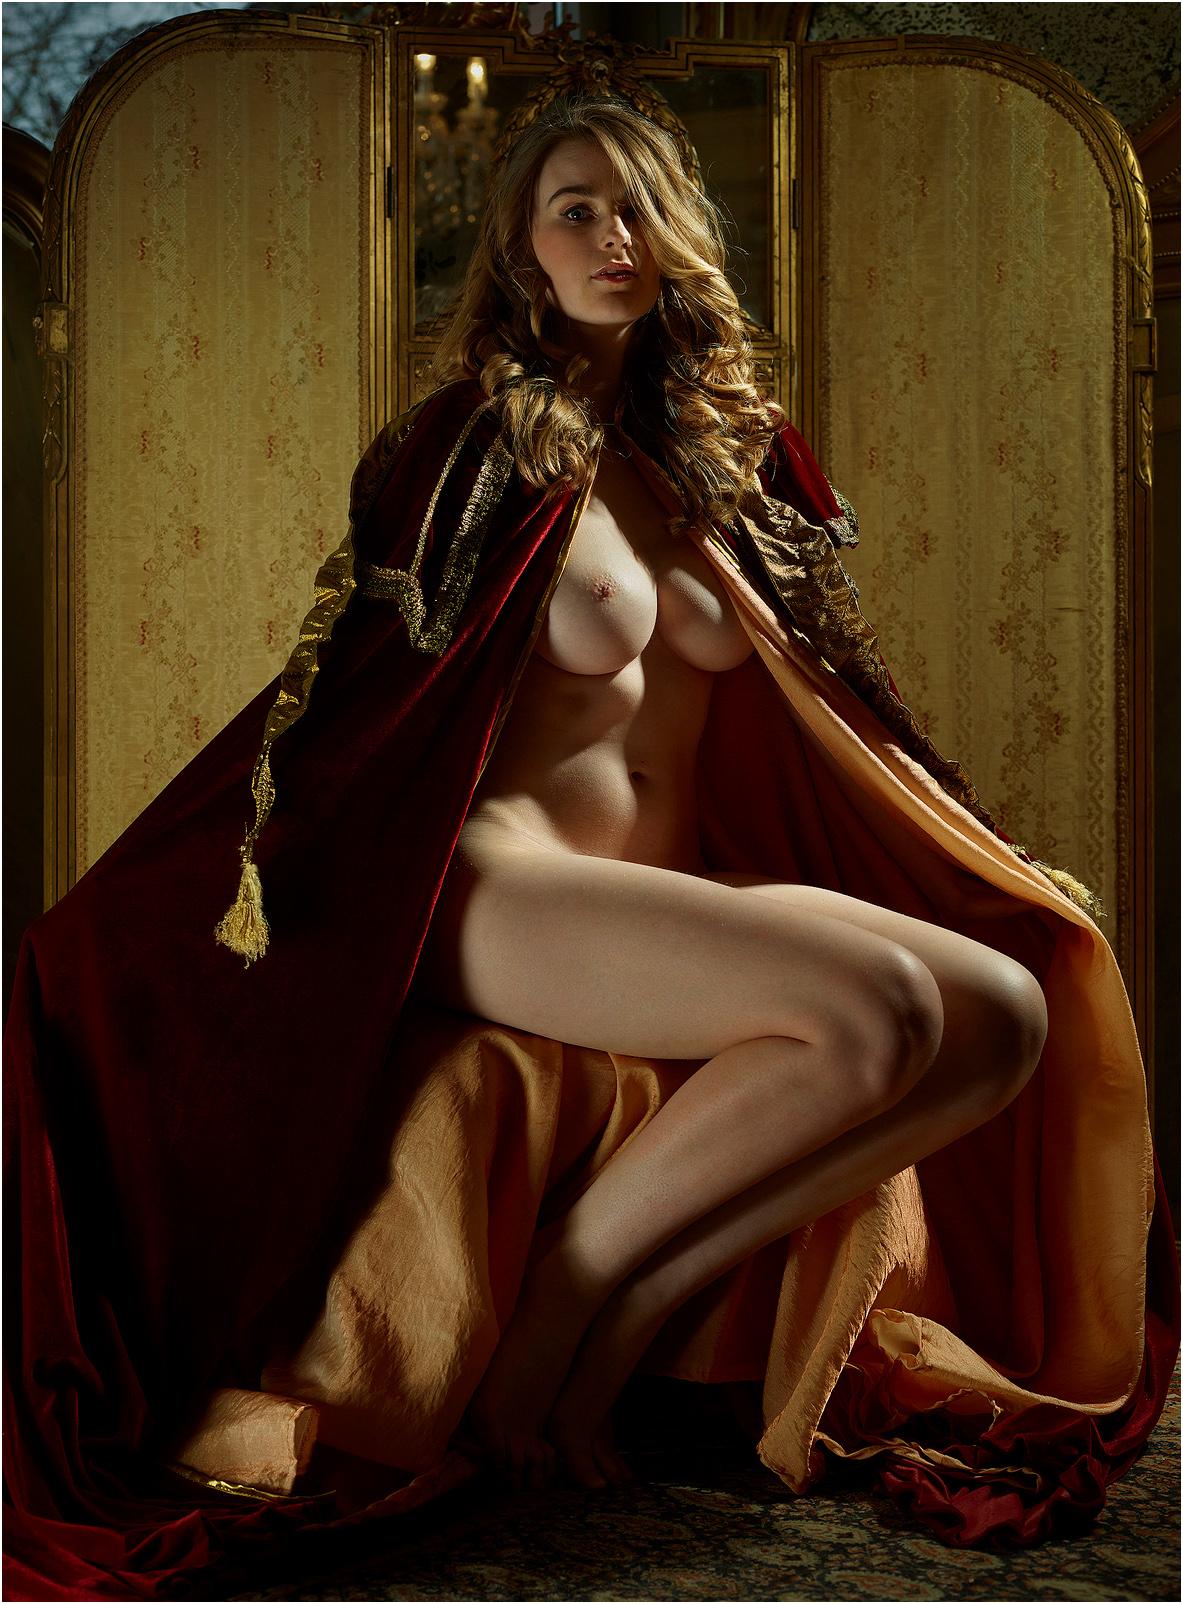 Эротическое искусство античности 11 фотография